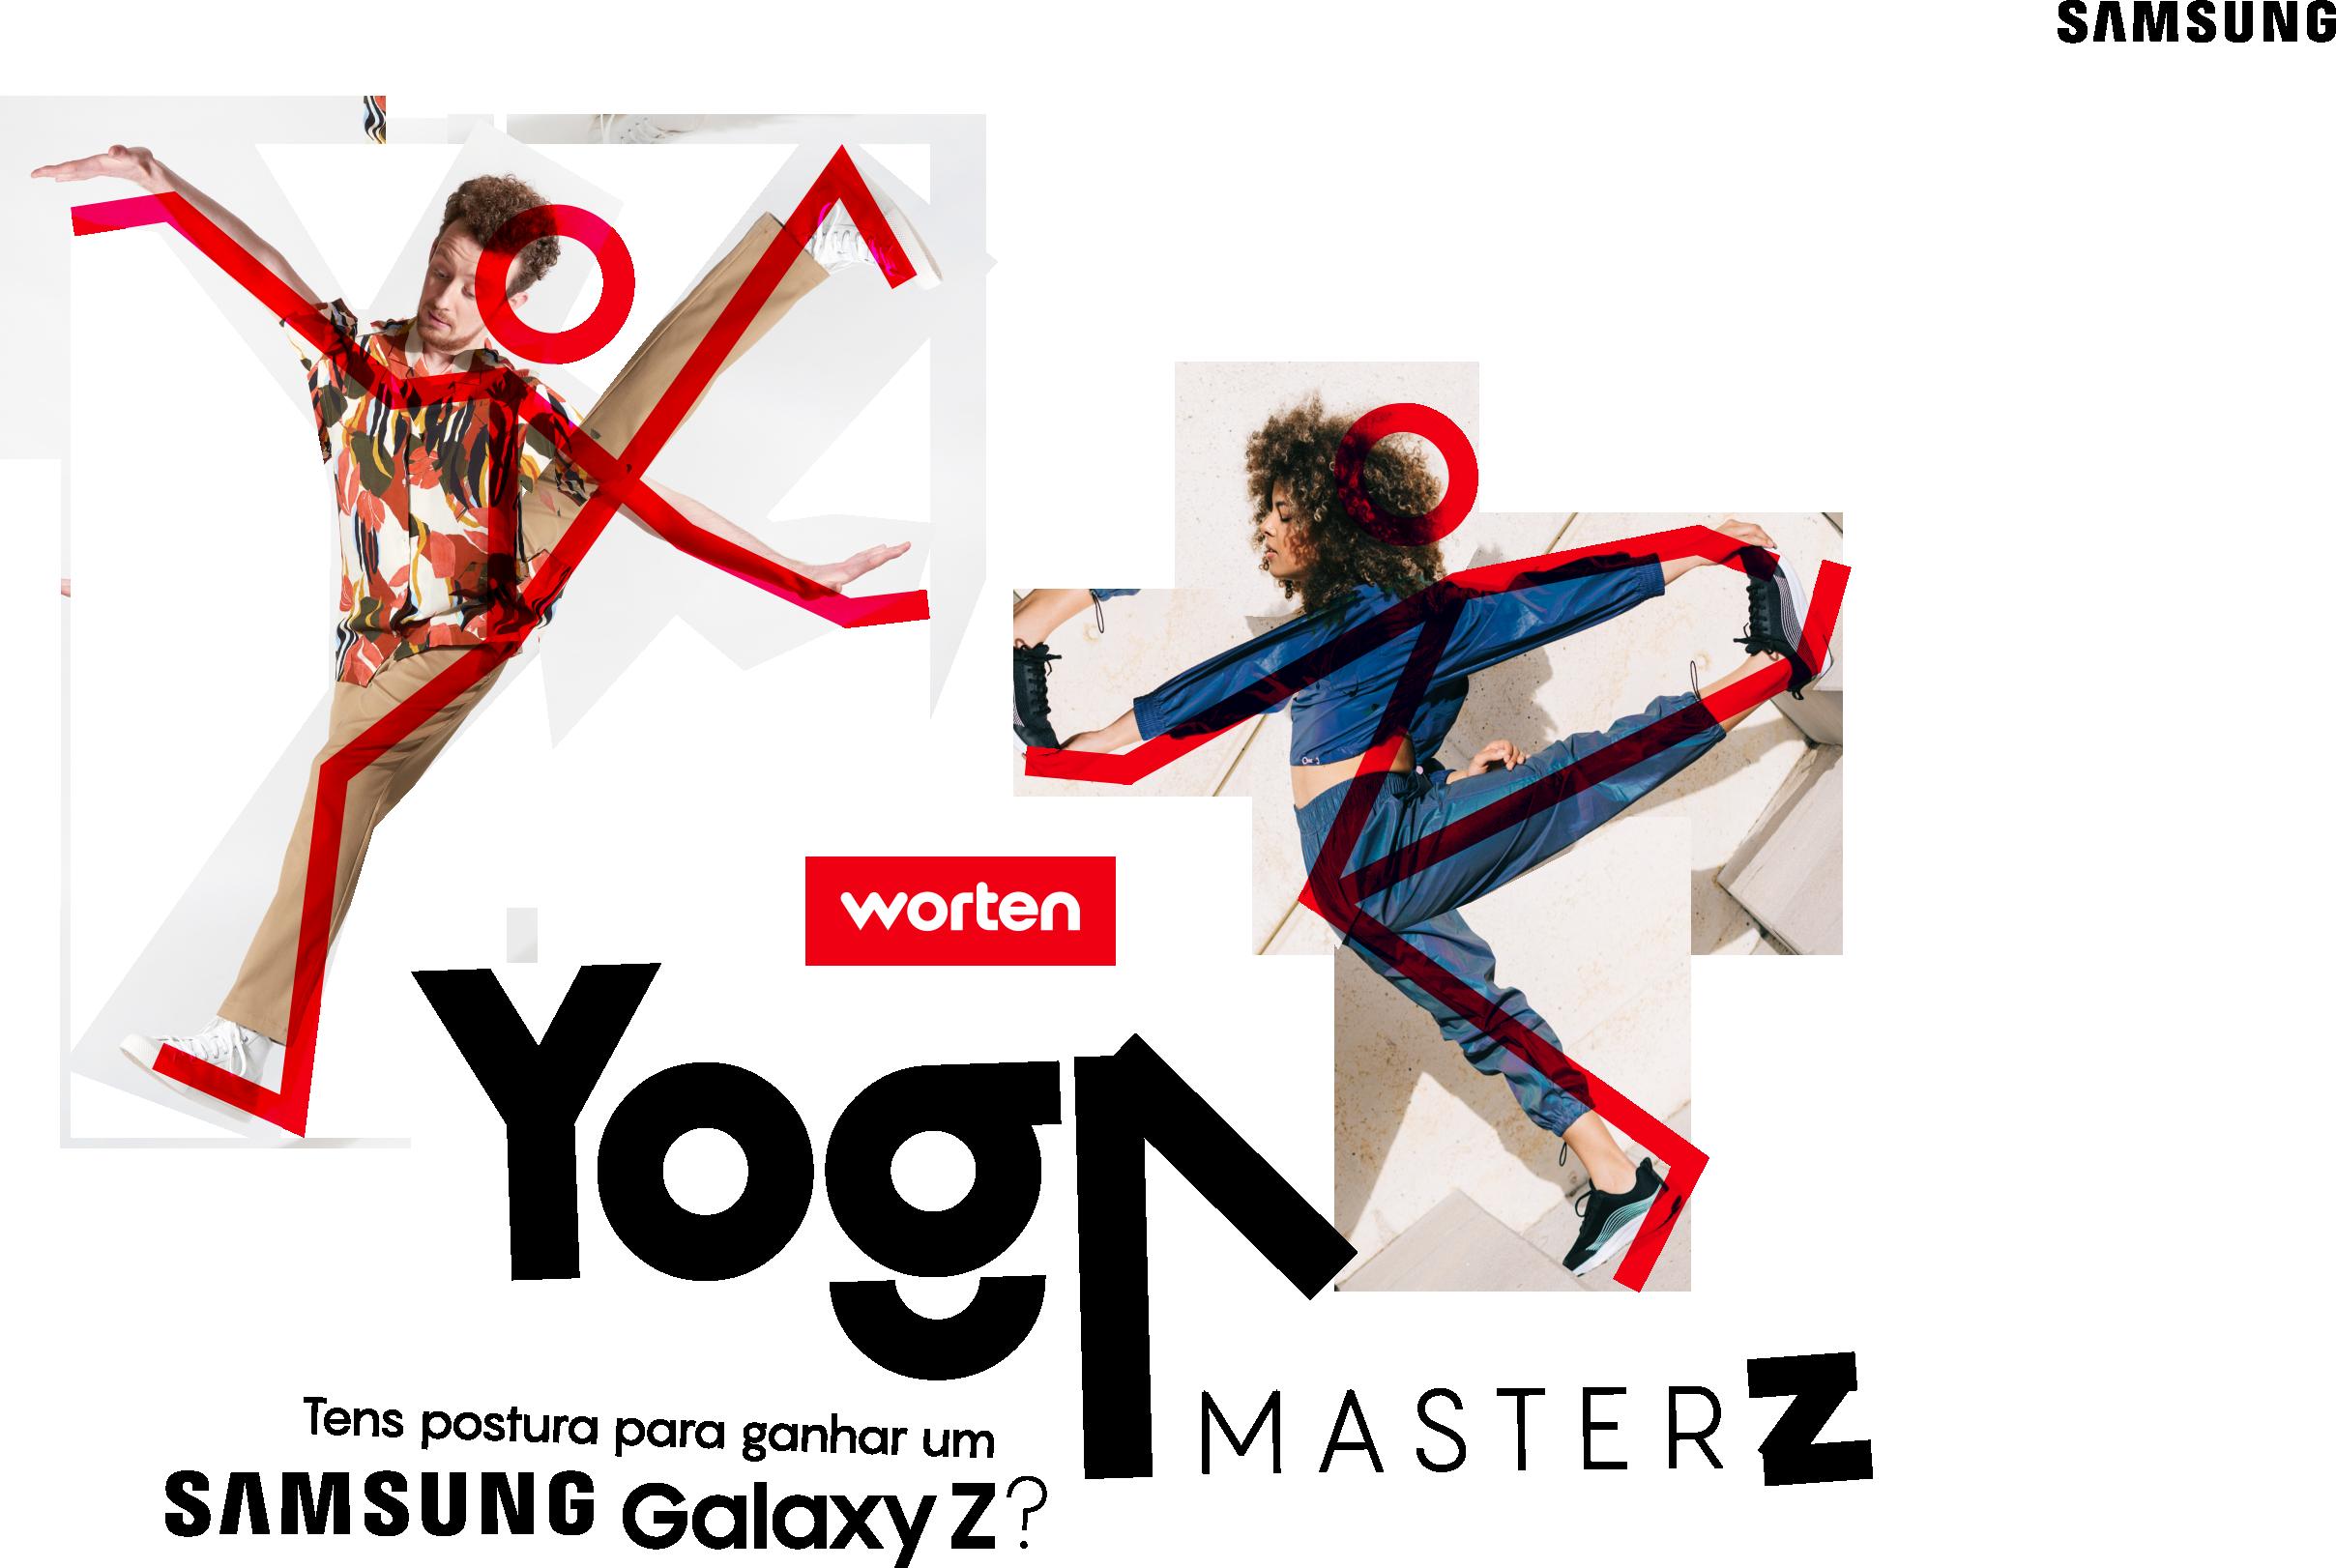 worten header